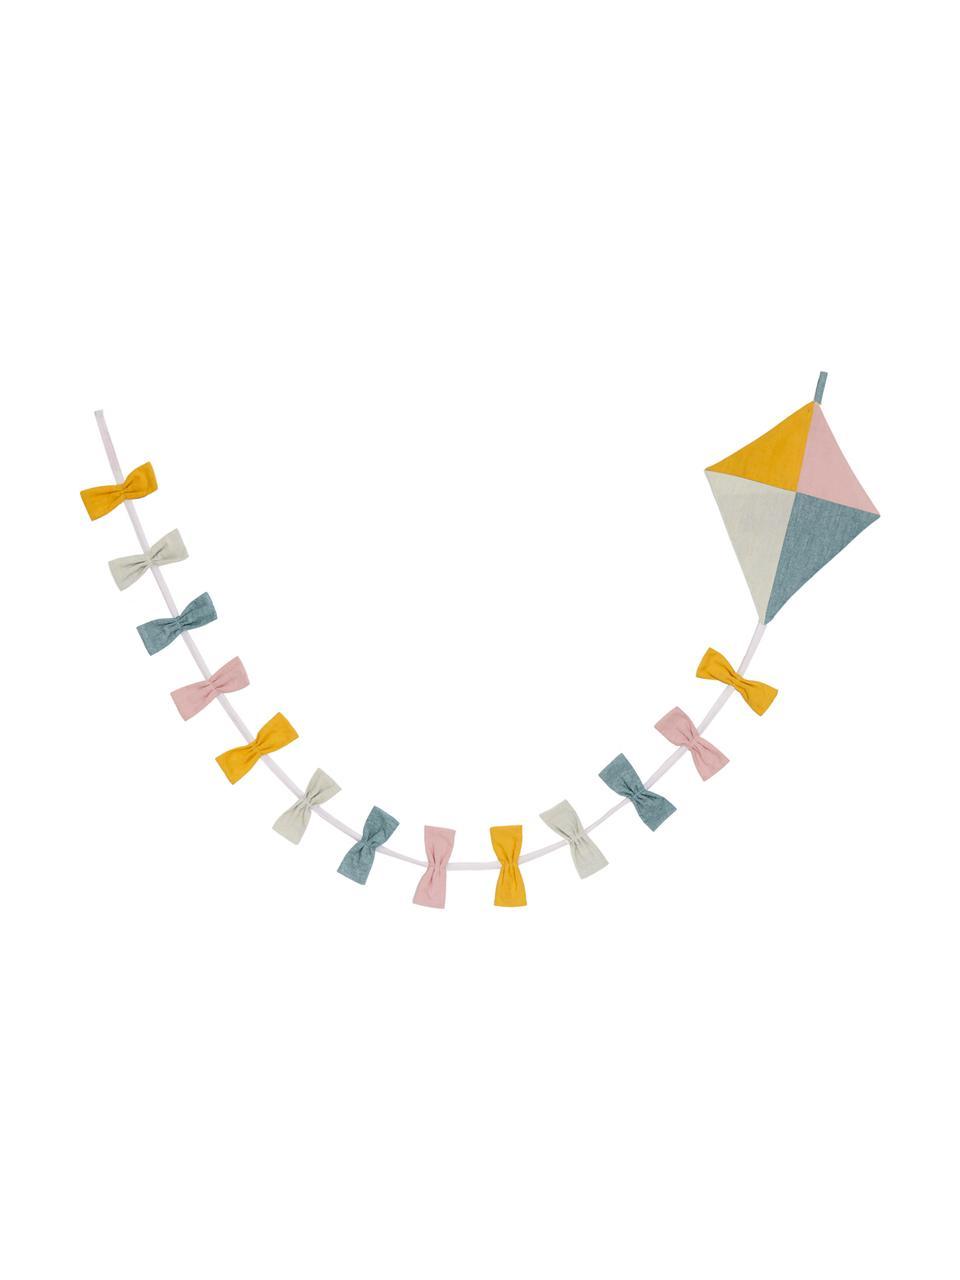 Guirnalda Kite, 180cm, Algodón ecológico, Multicolor, L 180 x Al 15 cm